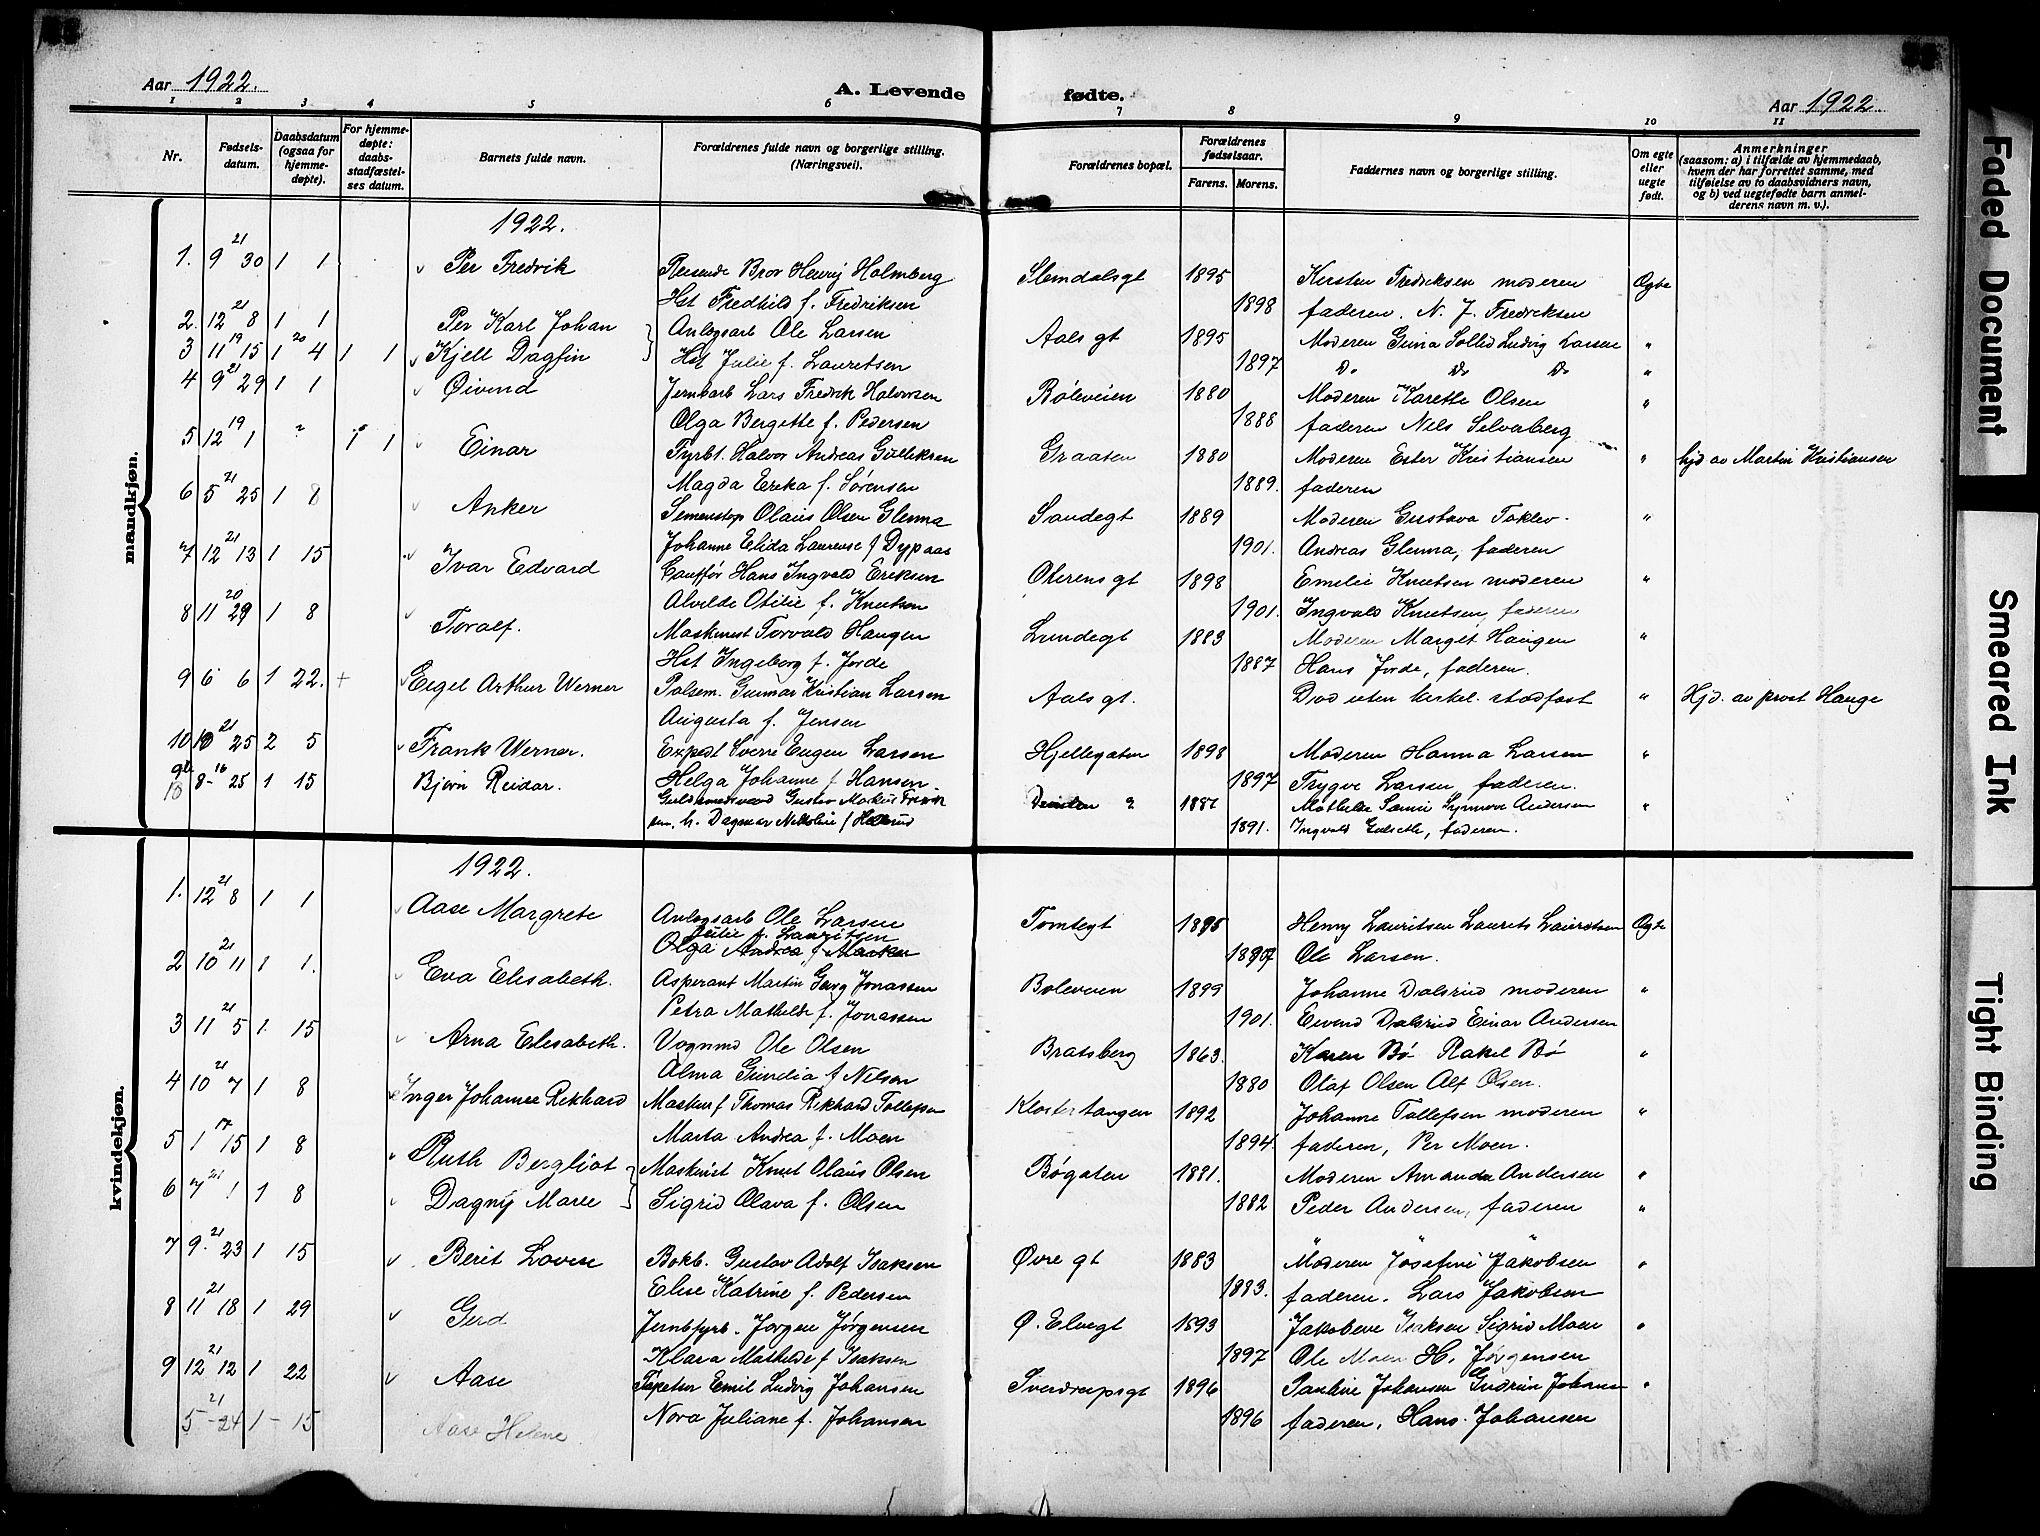 SAKO, Skien kirkebøker, G/Ga/L0010: Klokkerbok nr. 10, 1920-1931, s. 24